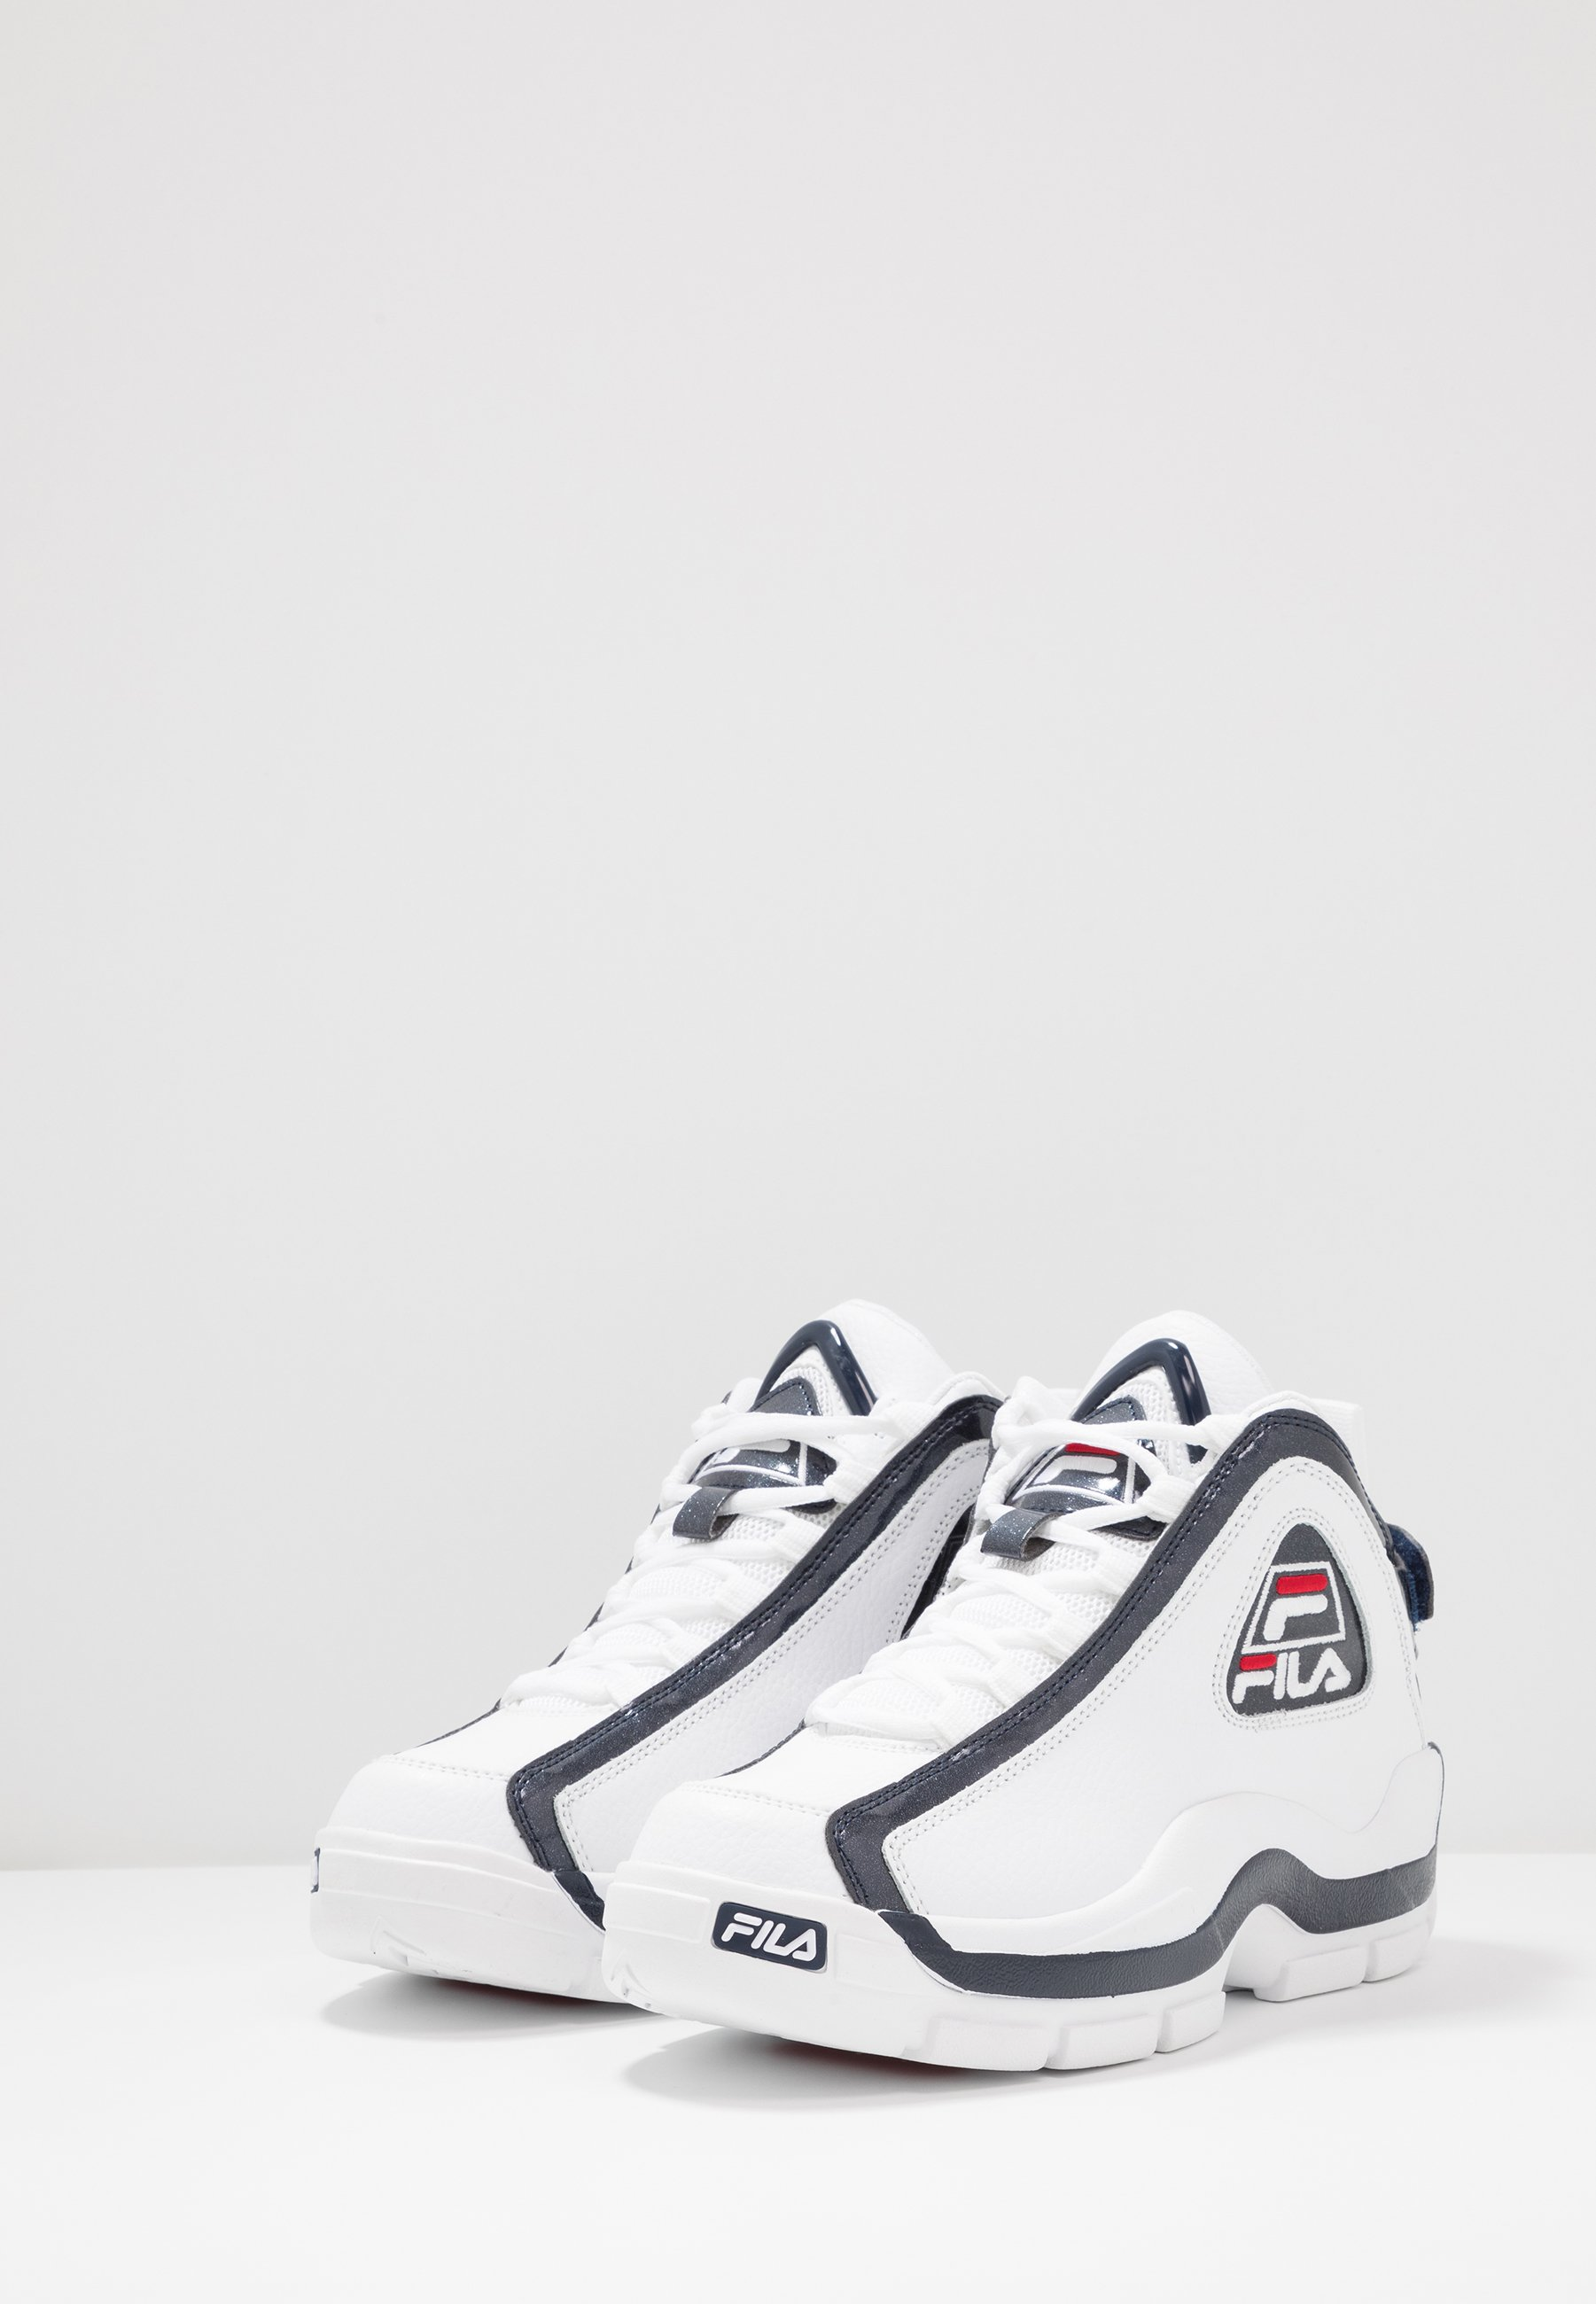 Fila GRANT HILL 3 Sneakers alte whiteblack Zalando.it